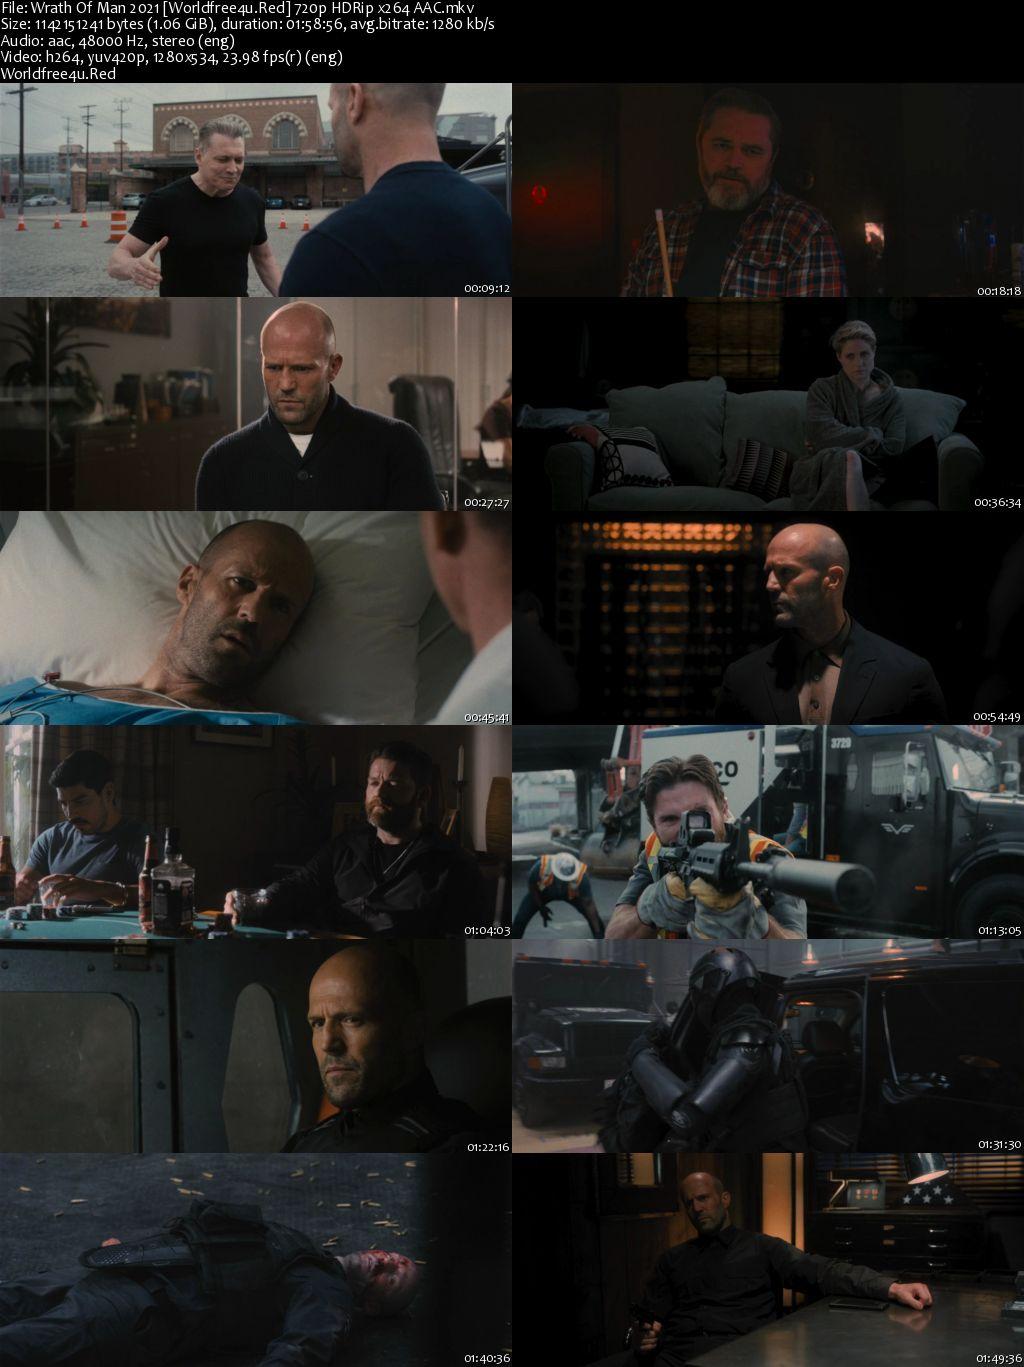 Wrath Of Man 2021 English HDRip 720p